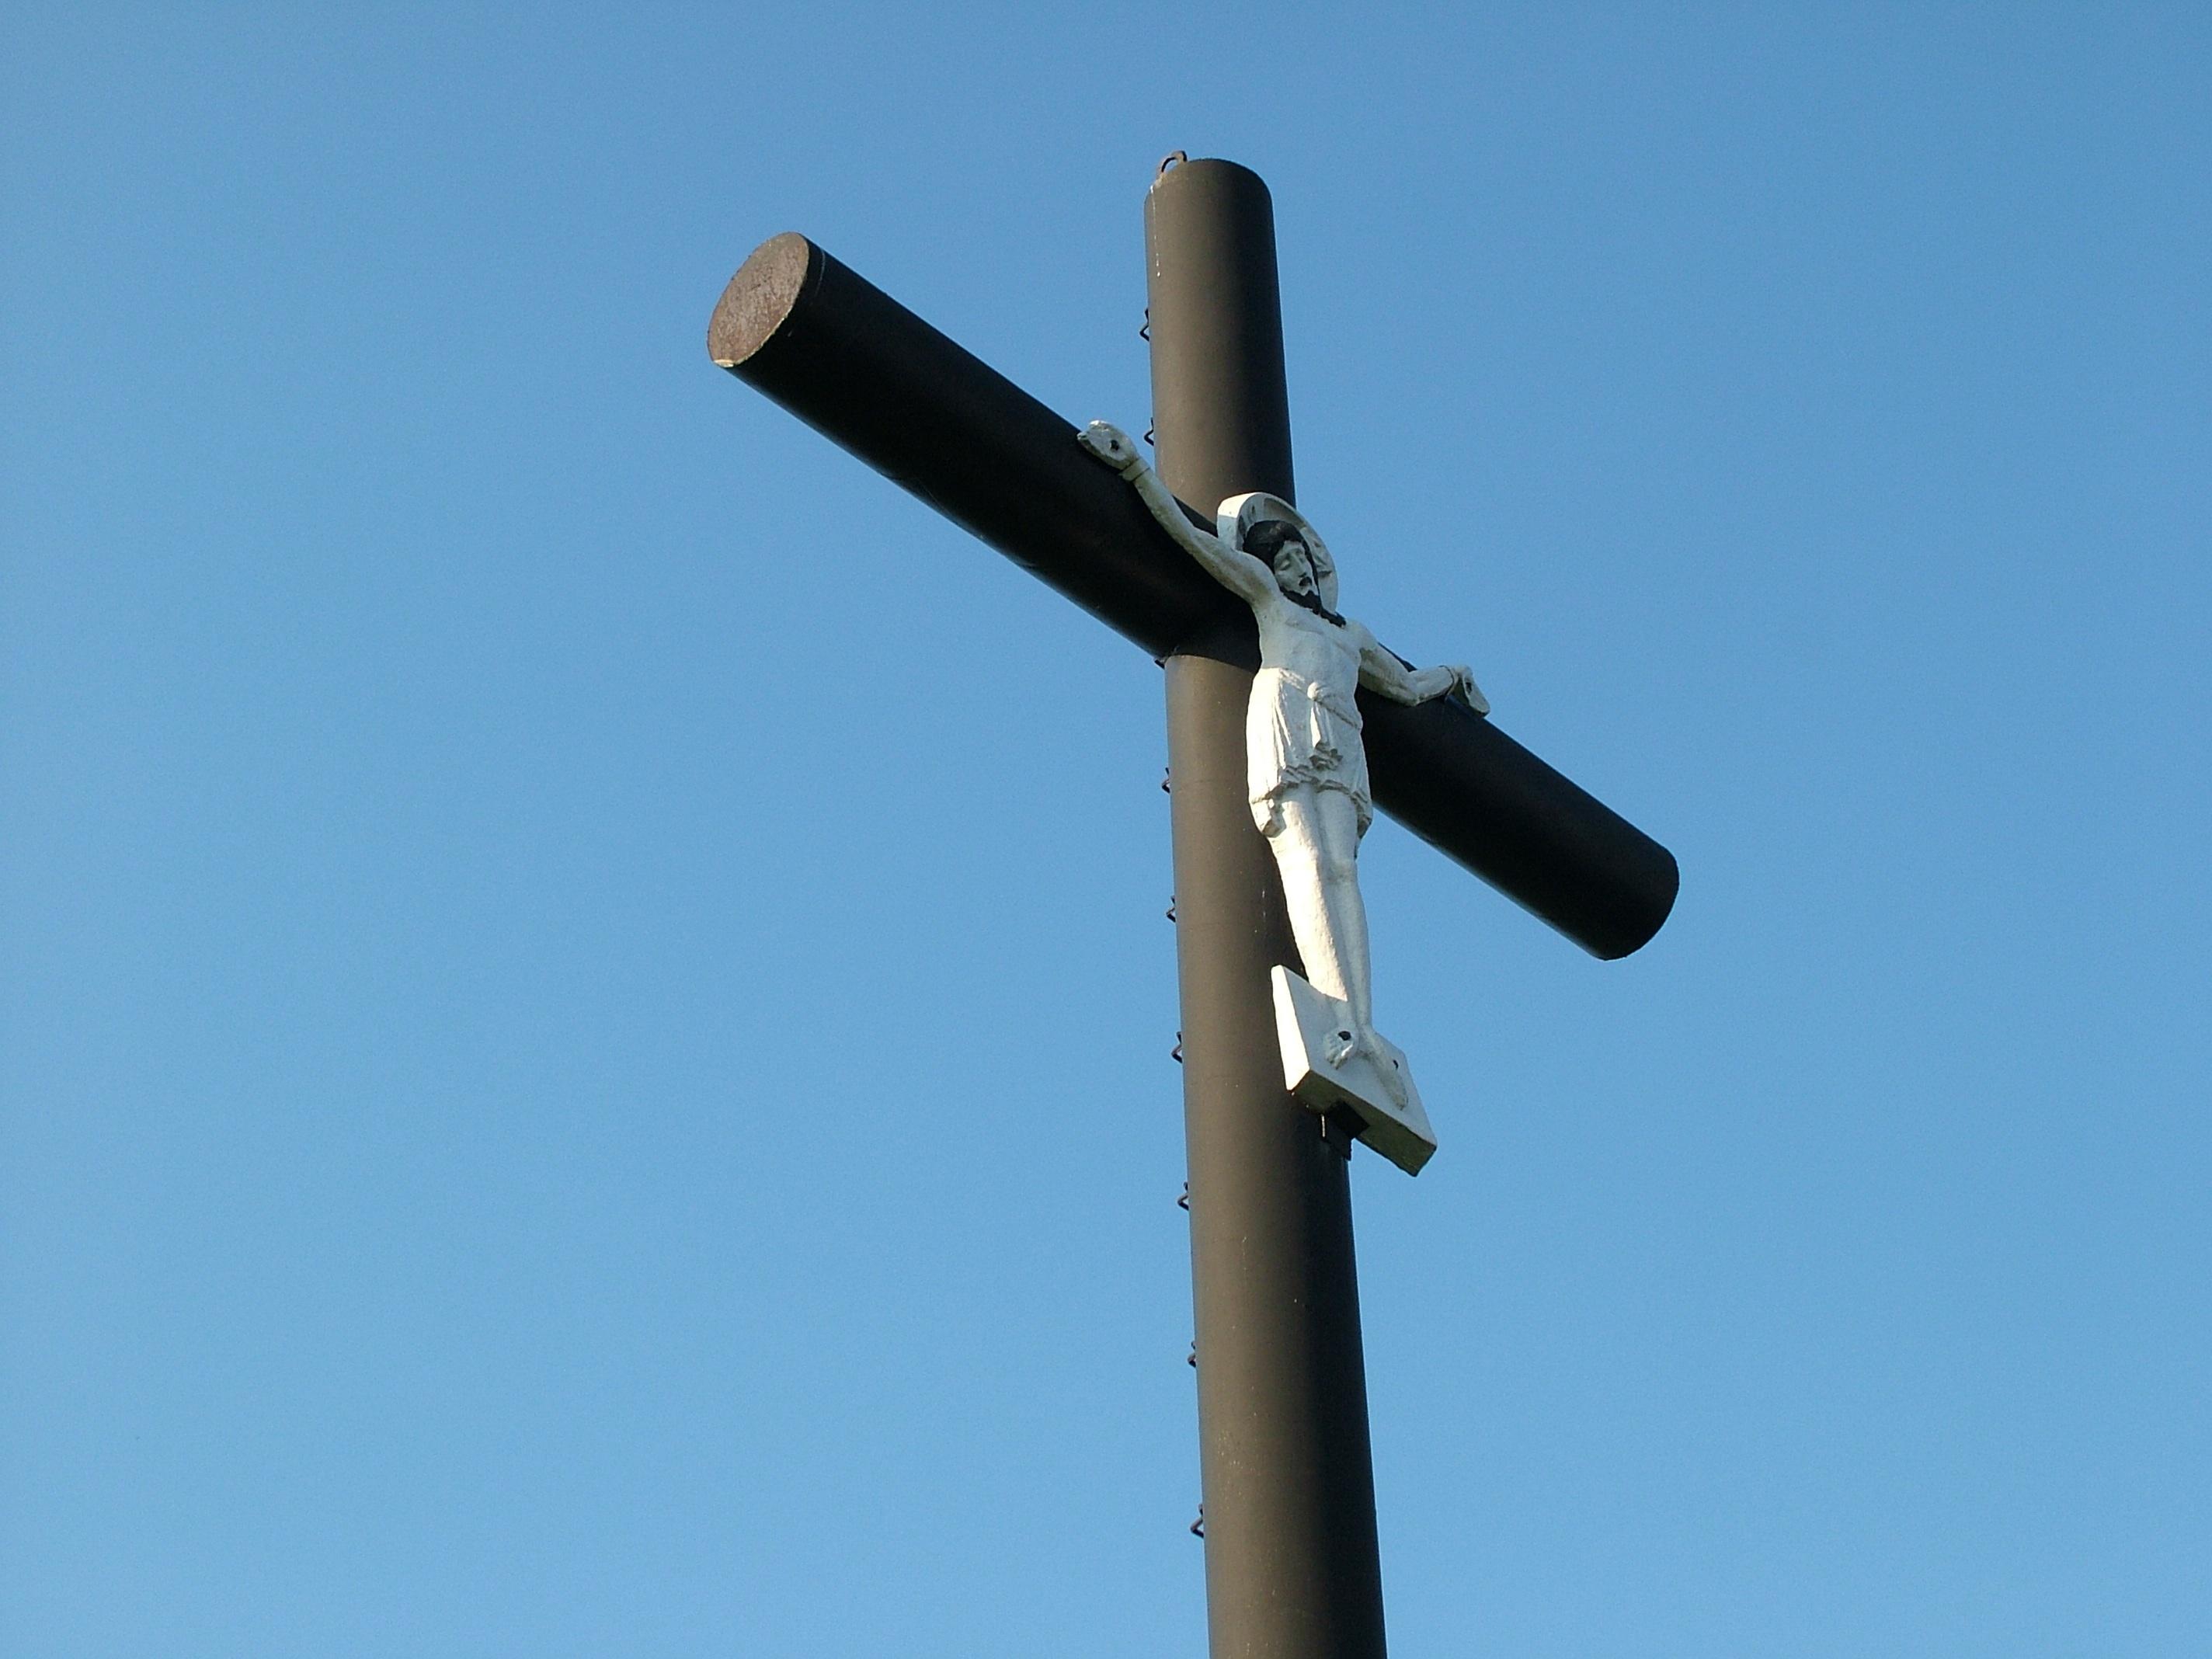 Free Images Sky Vehicle Symbol Mast Religion Machine Wind